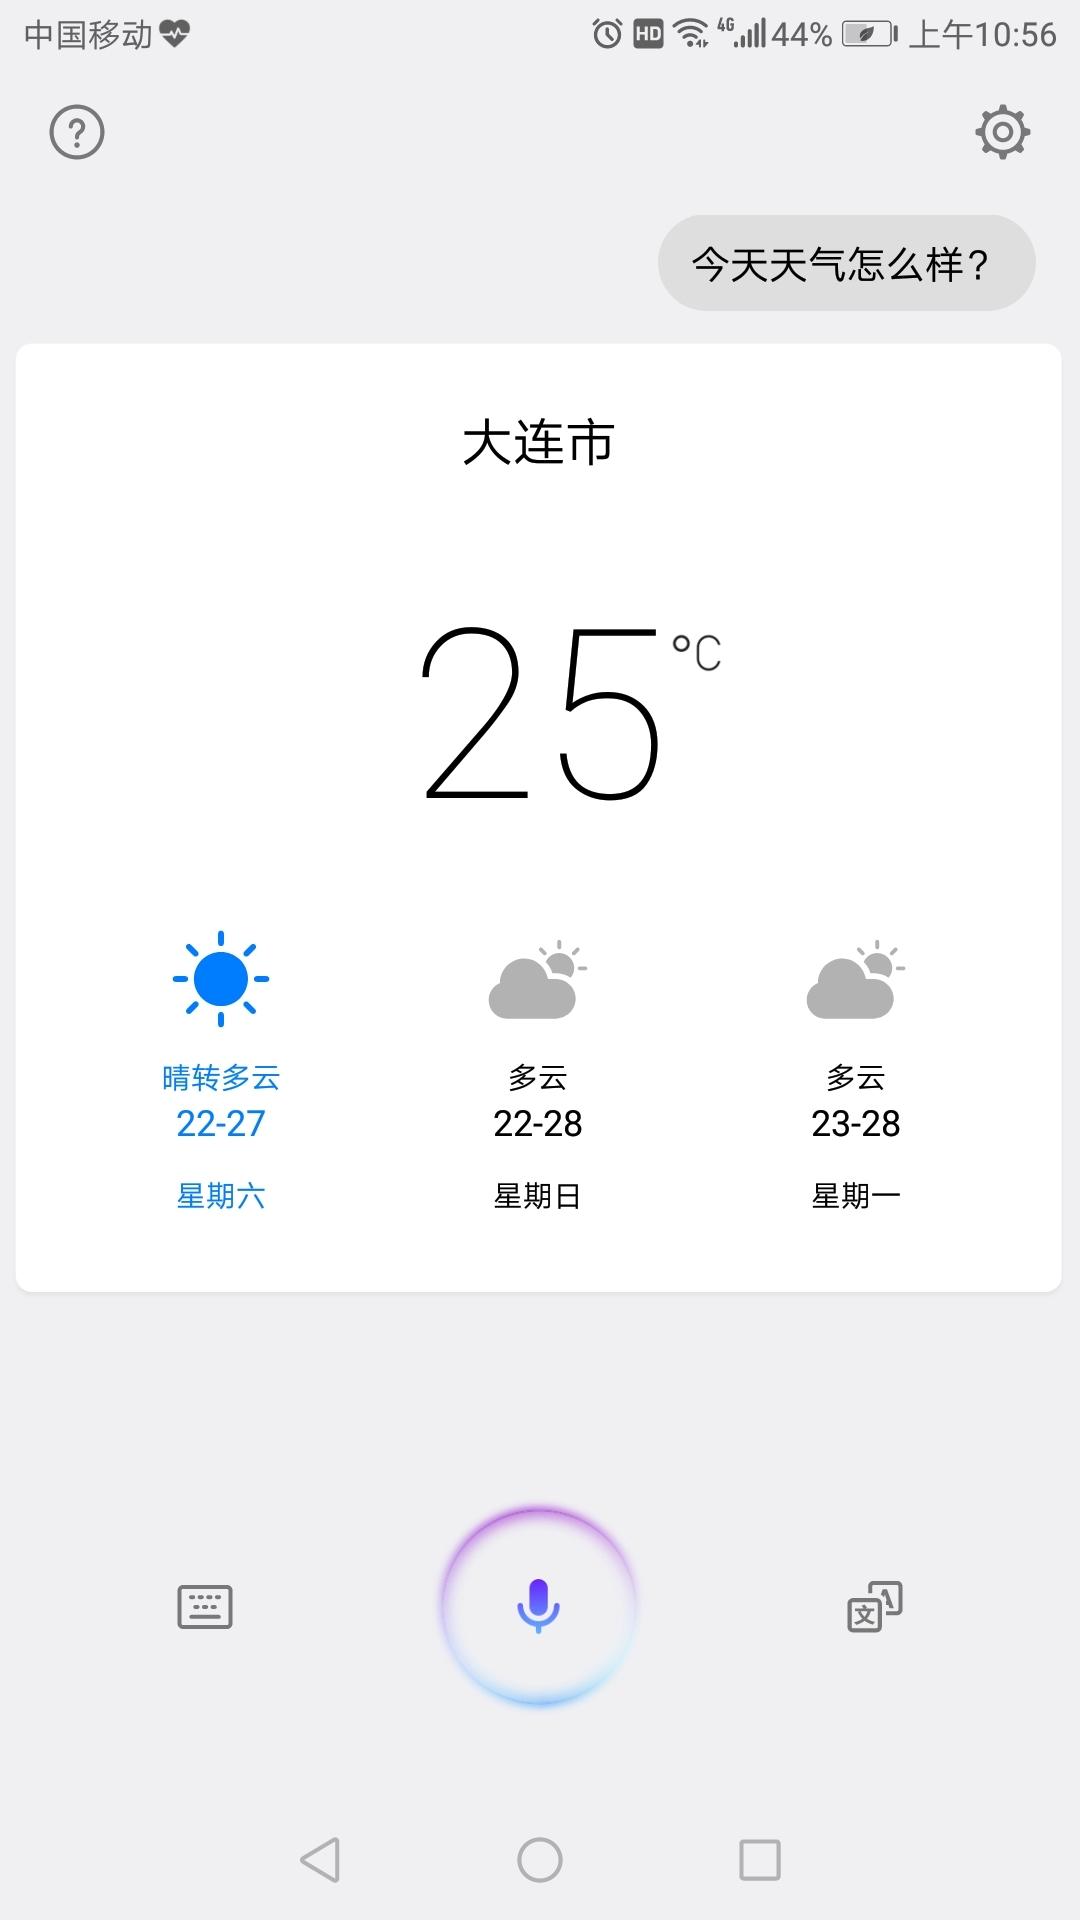 Screenshot_20200808-105613.jpg